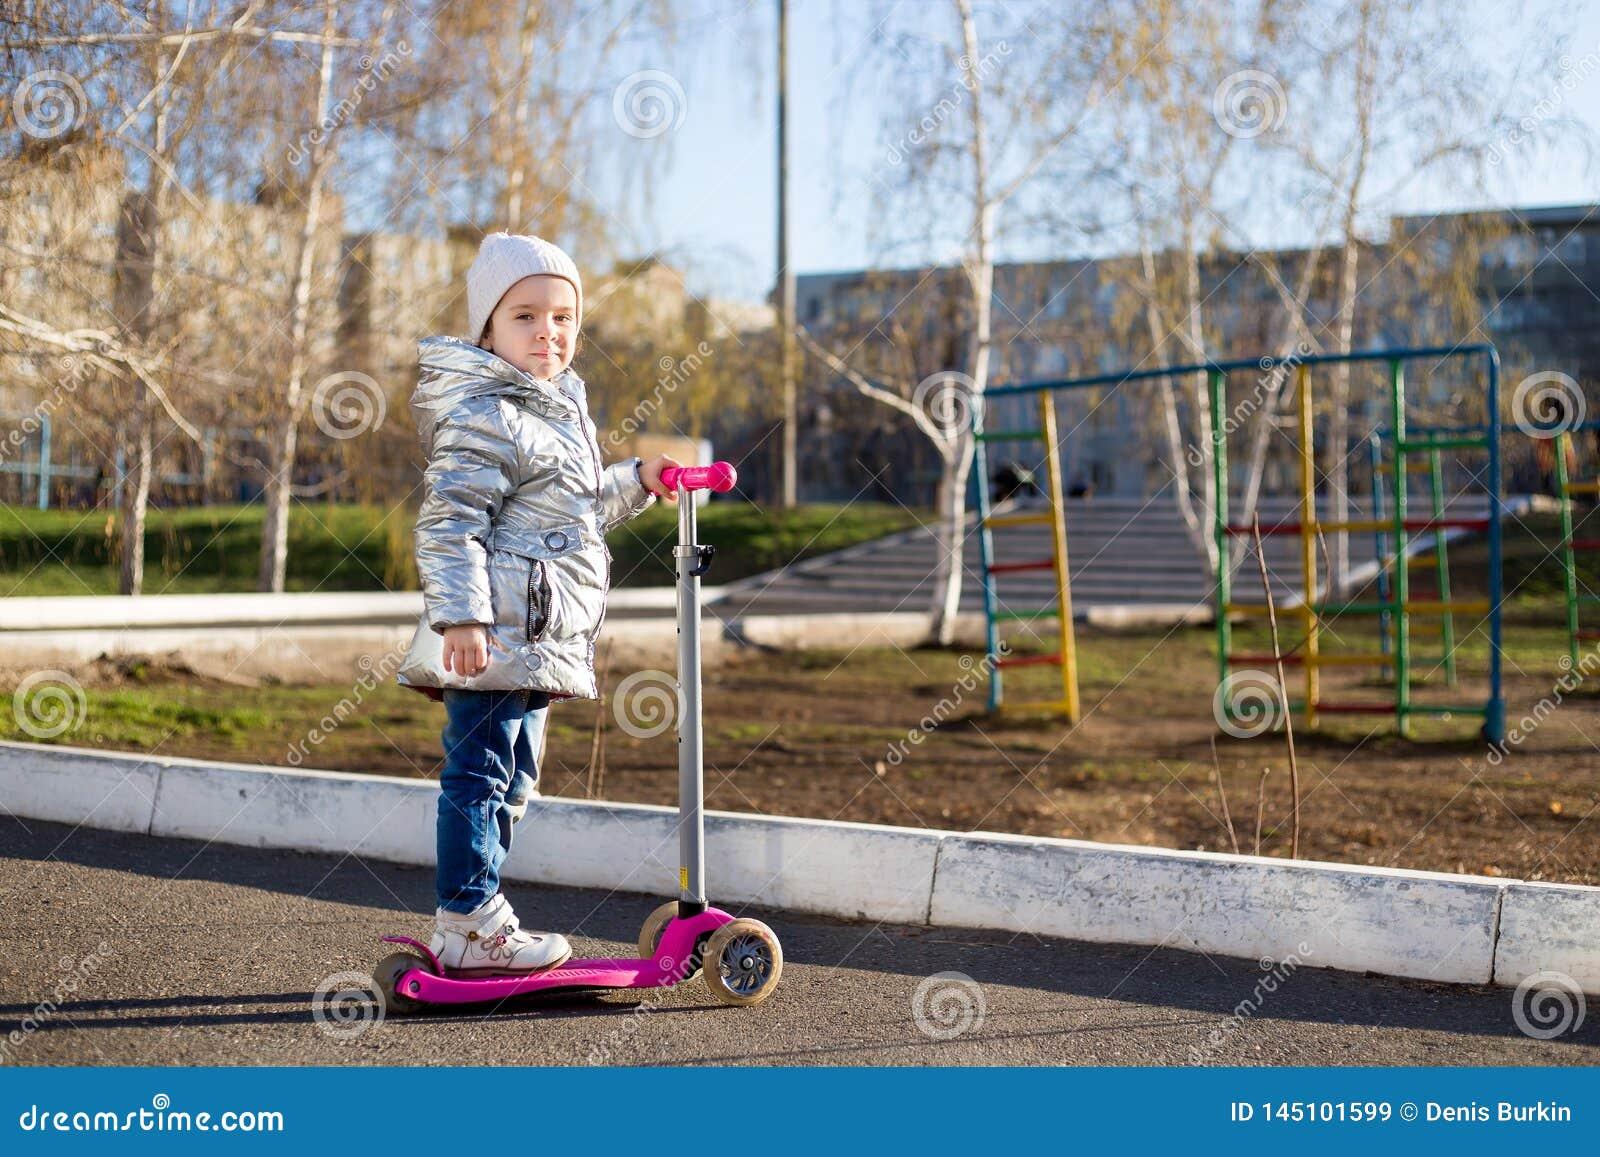 Menina que monta um  trotinette  no parque em um dia de mola ensolarado Lazer ativo e esporte exterior para crian?as